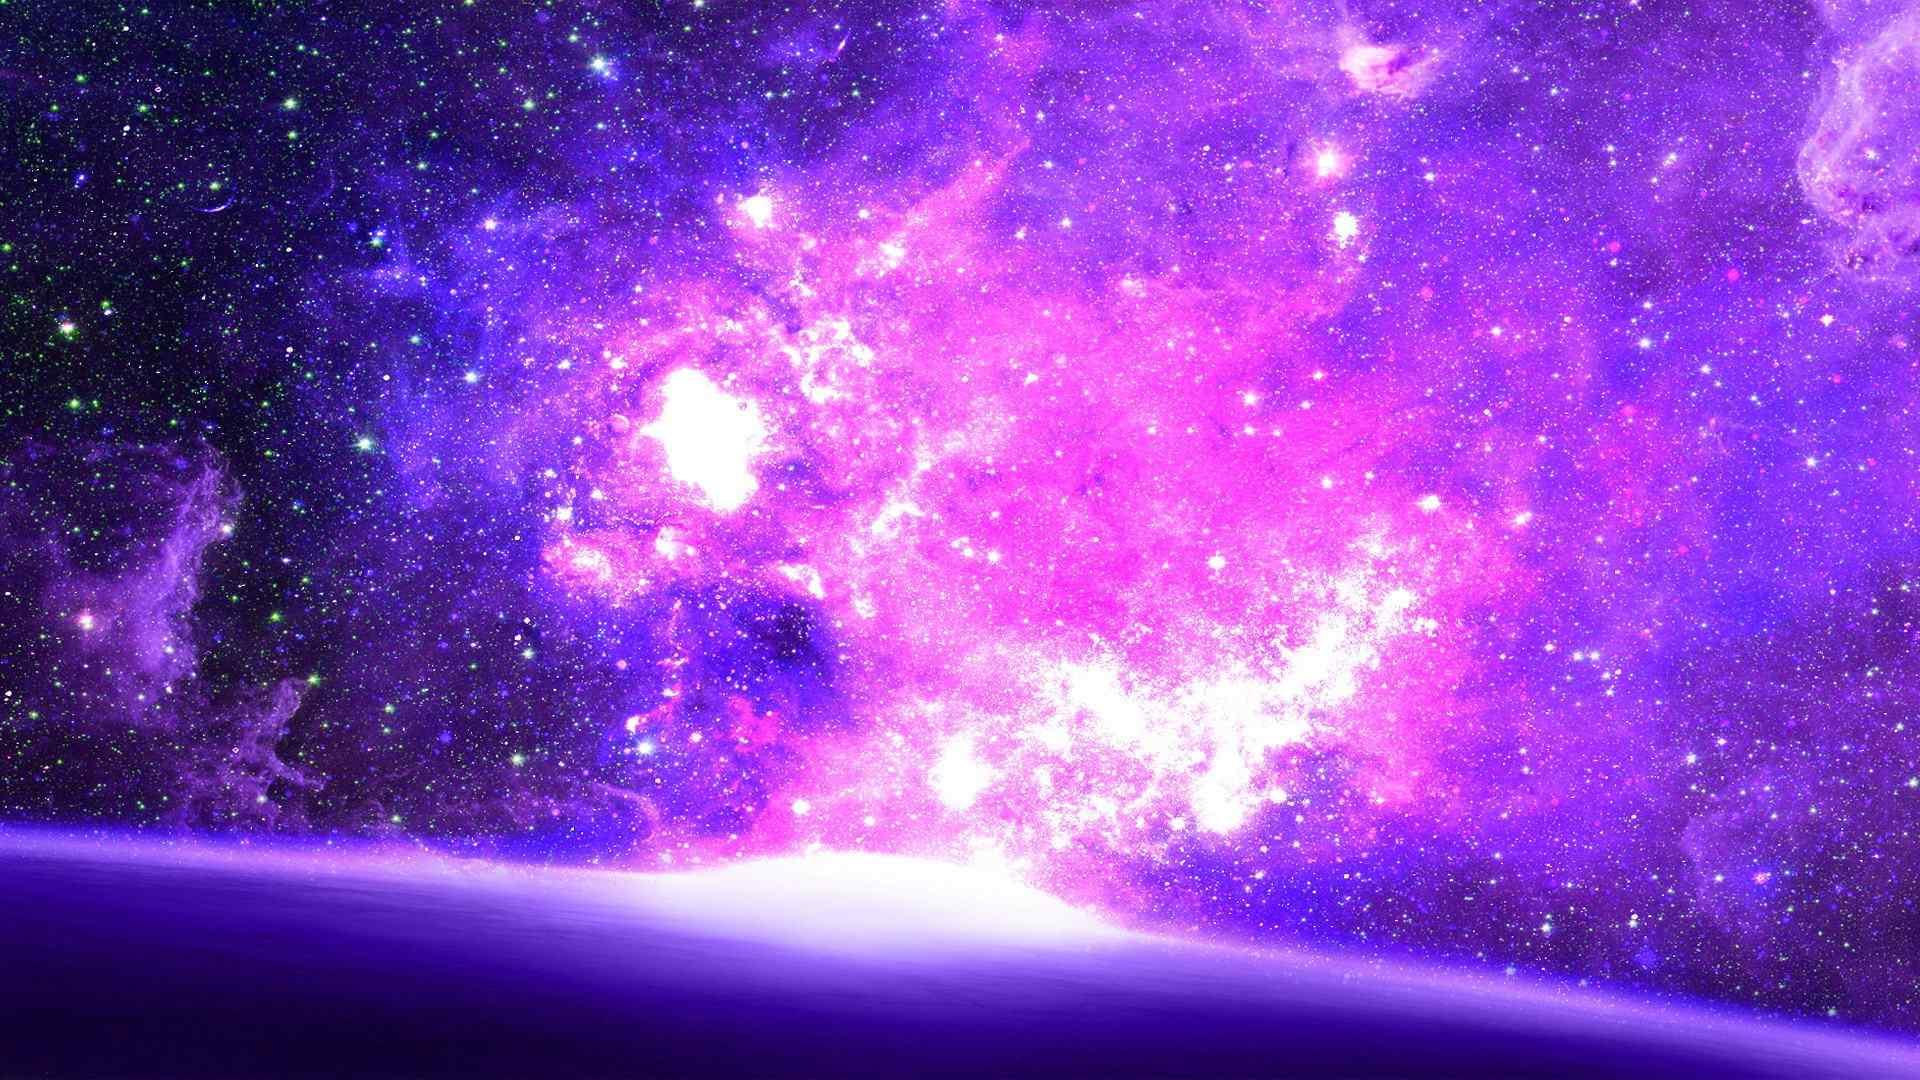 鼠标指针win8_神秘的紫色星空动态屏保 -桌面天下(Desktx.com)